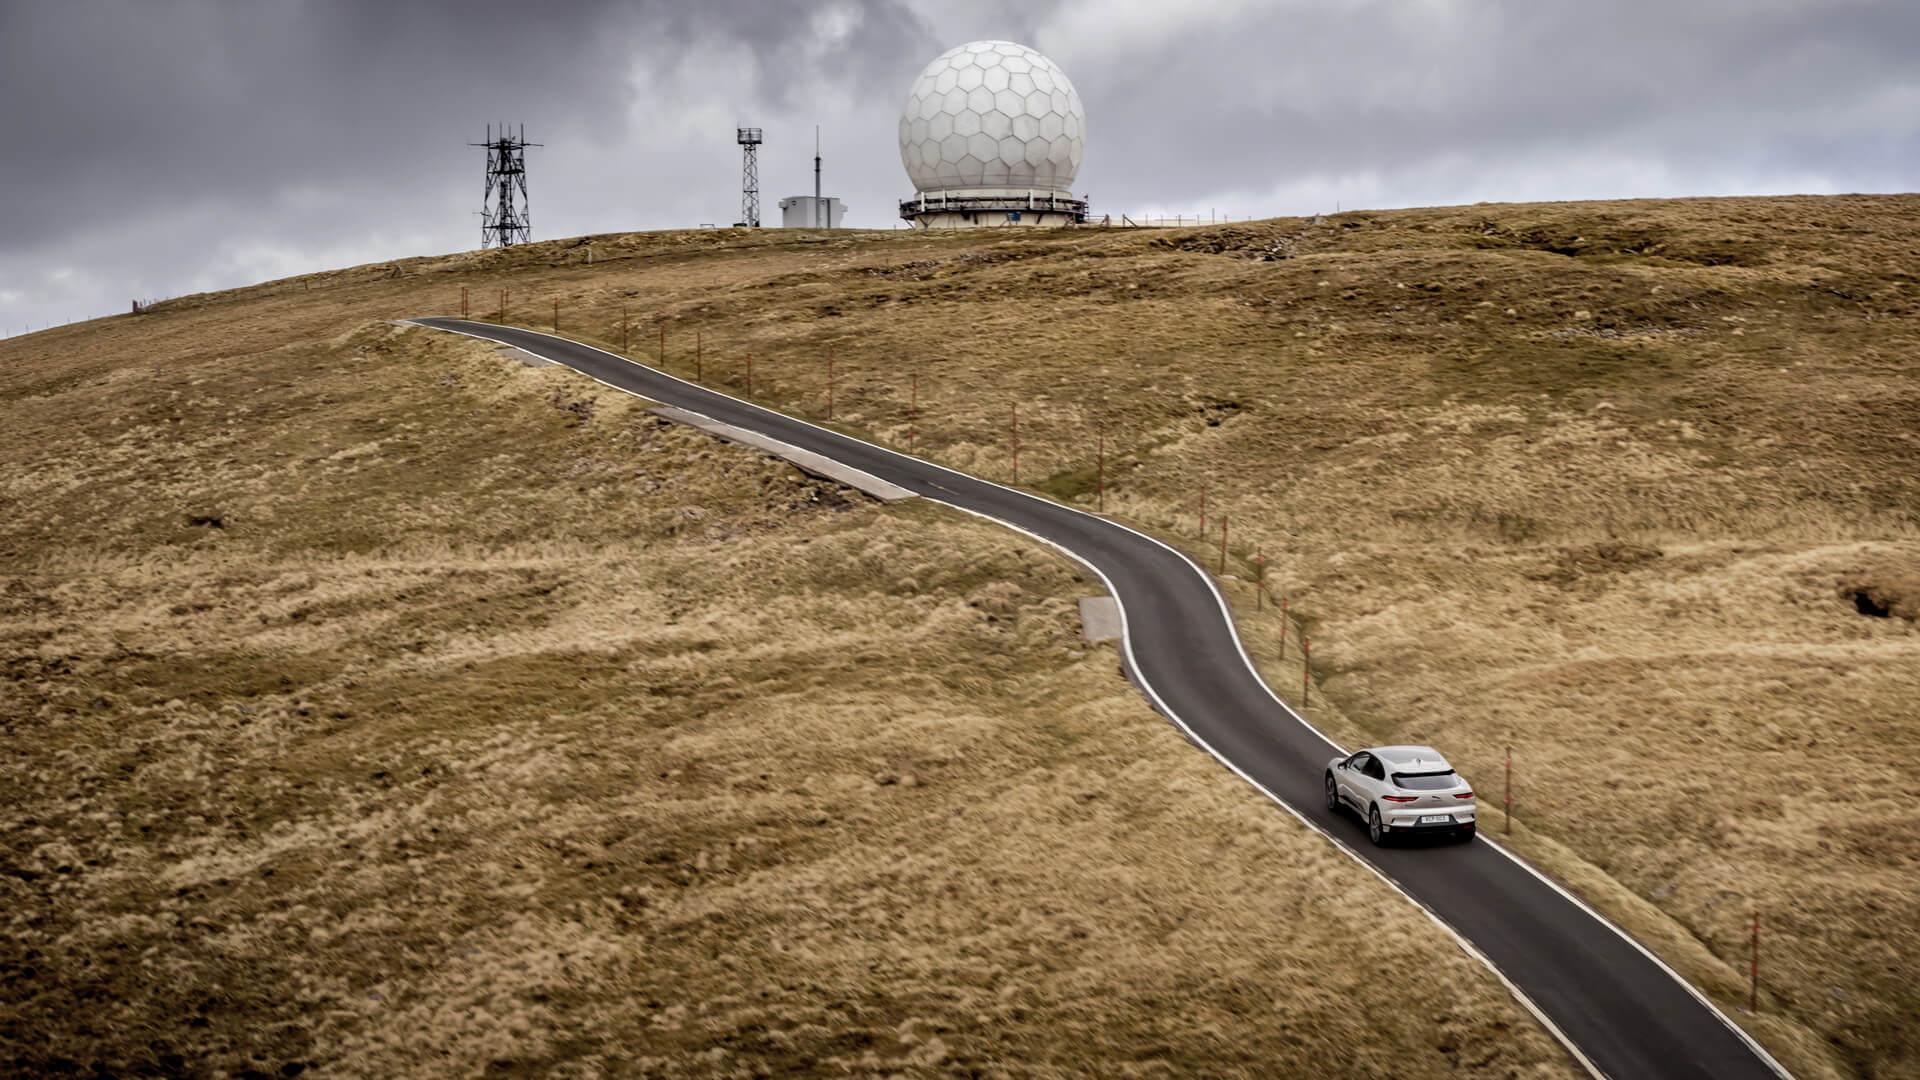 Полностью электрический Jaguar I-PACE справился с испытанием «взятие Эвереста», осуществив подъем на 8848 метров на одном заряде